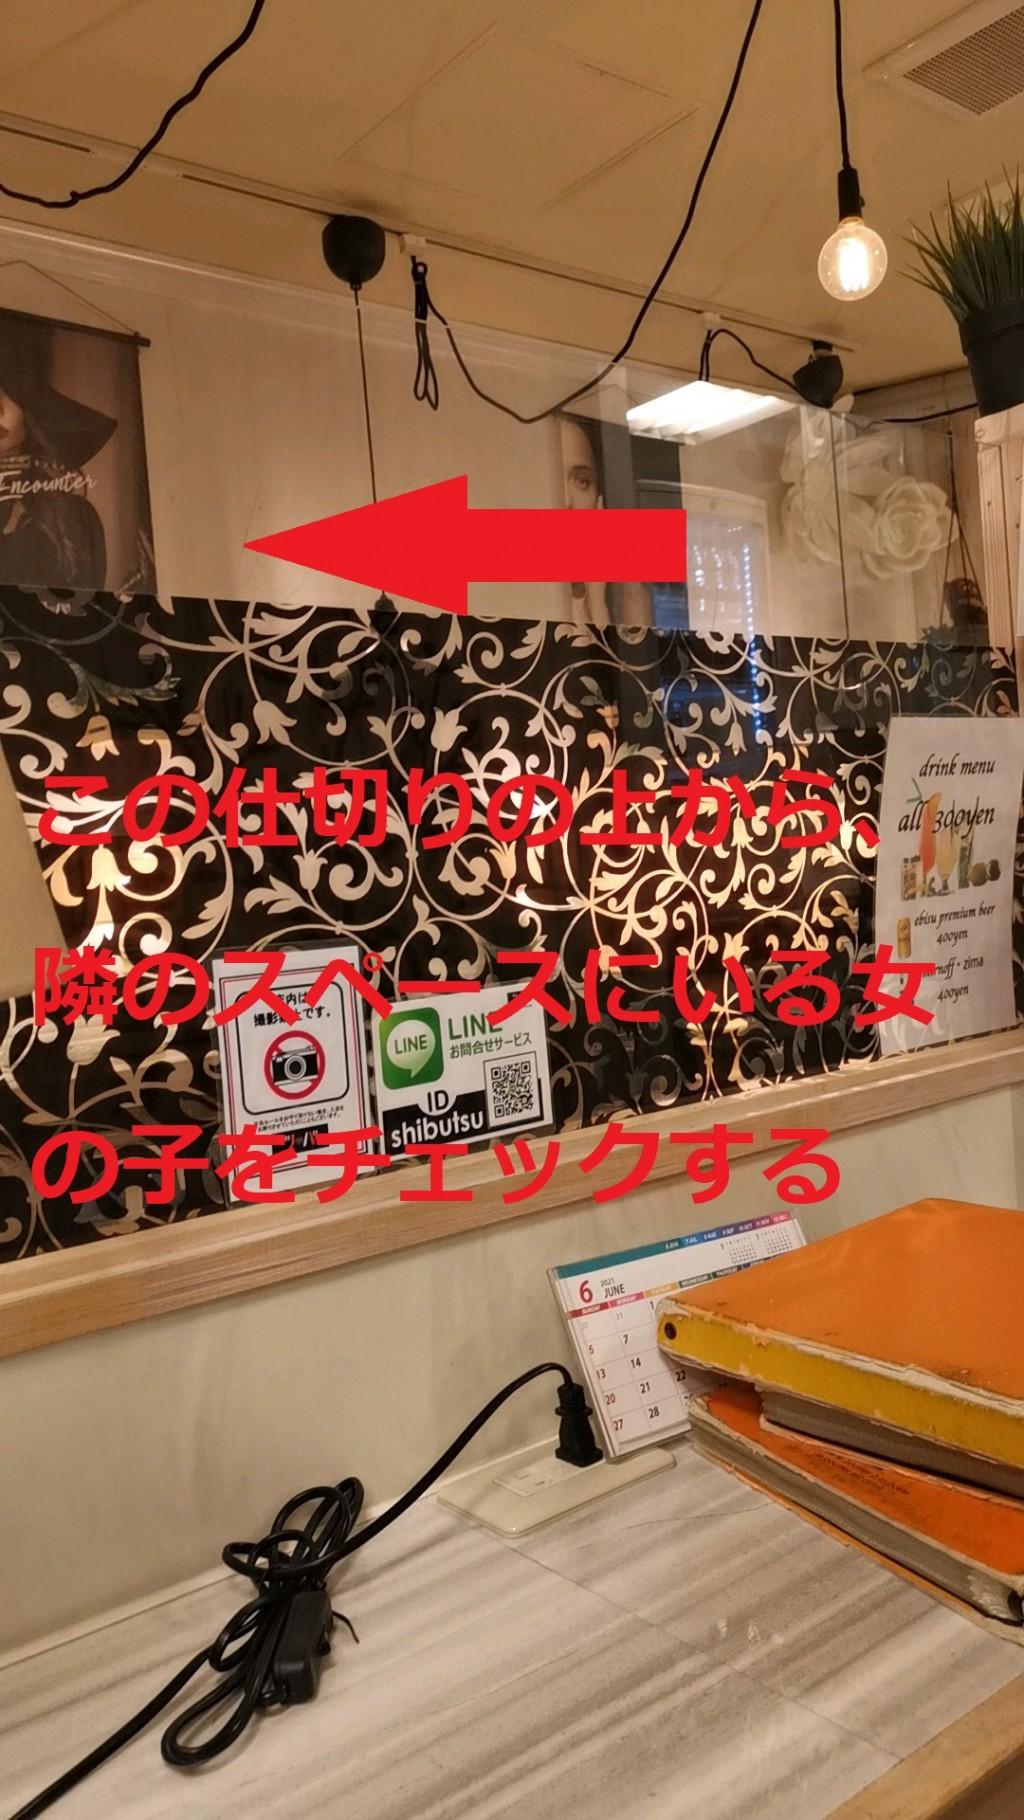 ツーバー渋谷の男女ルーム間の仕切り